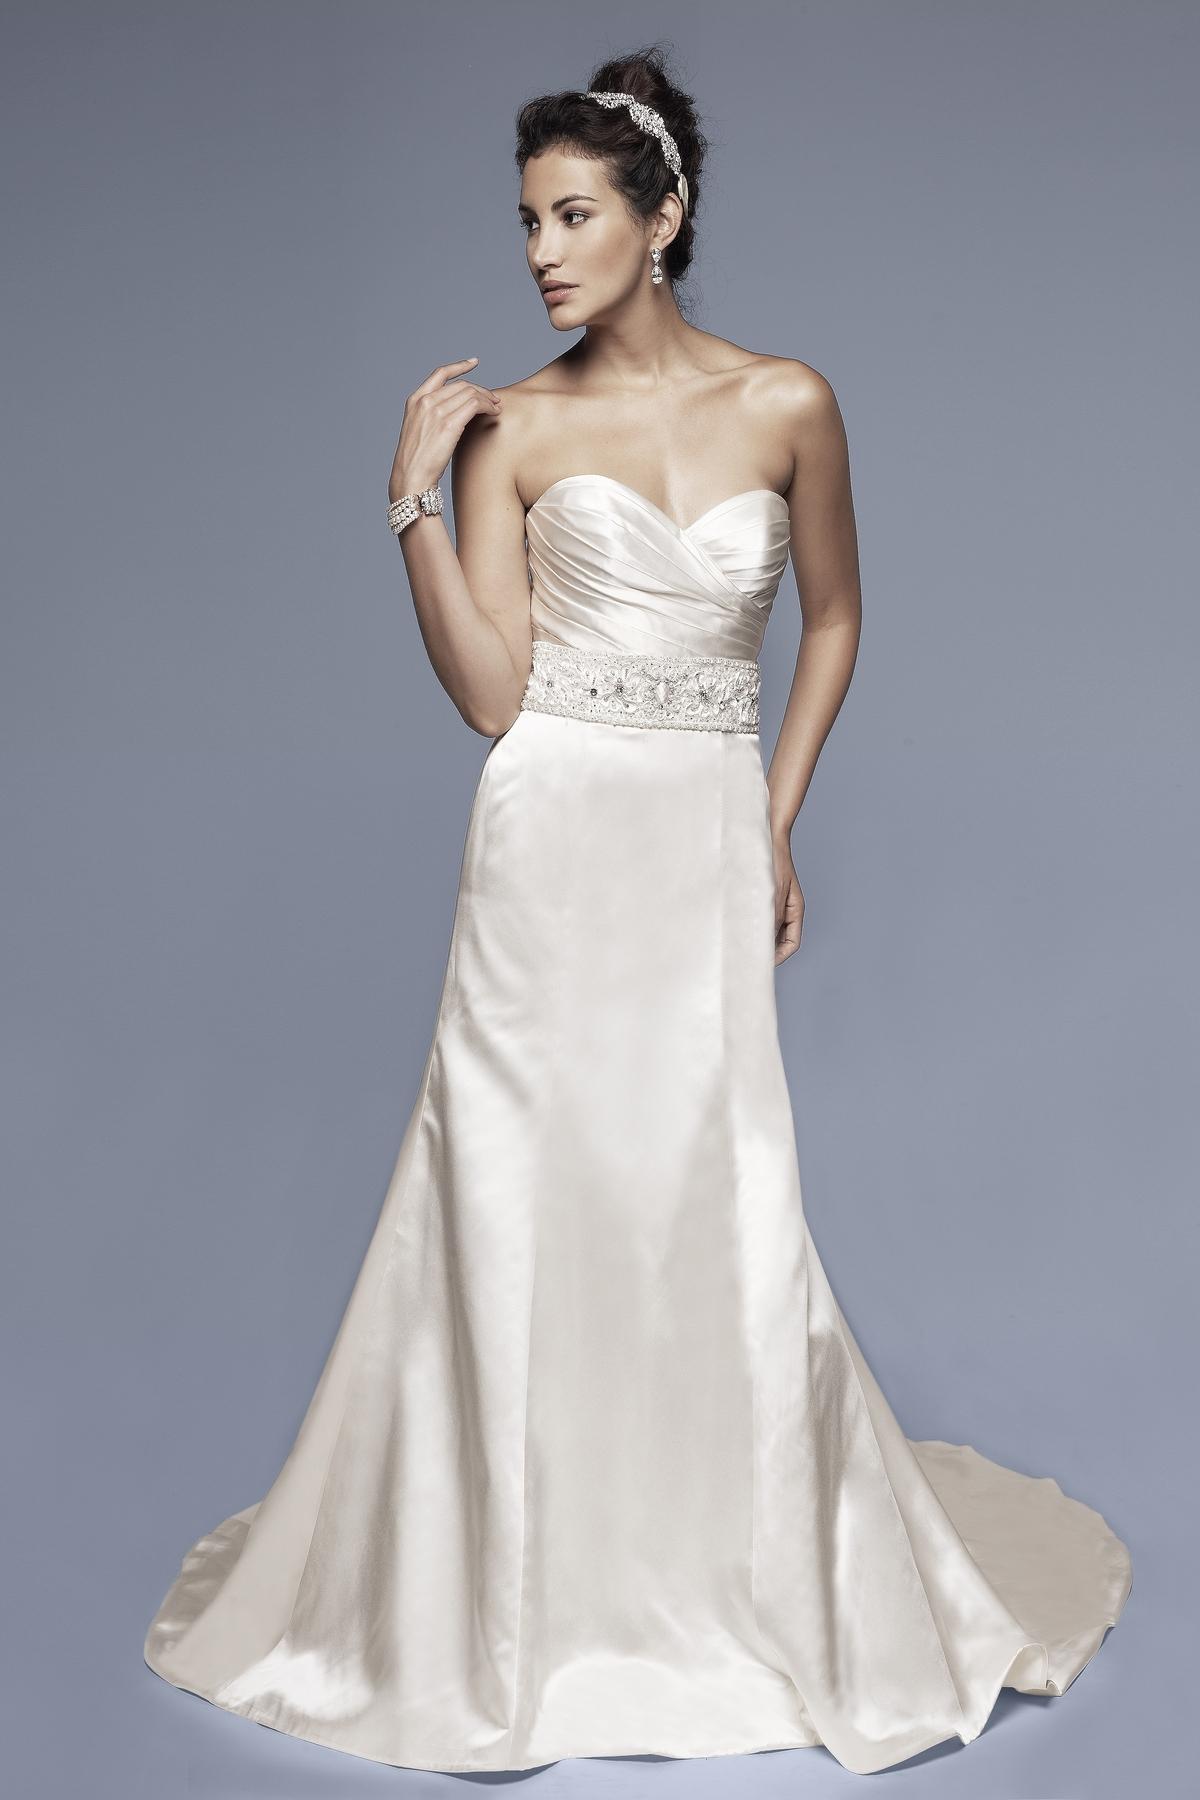 Vestido de novia: ¿Discreto o atrevido? | Vestidos de